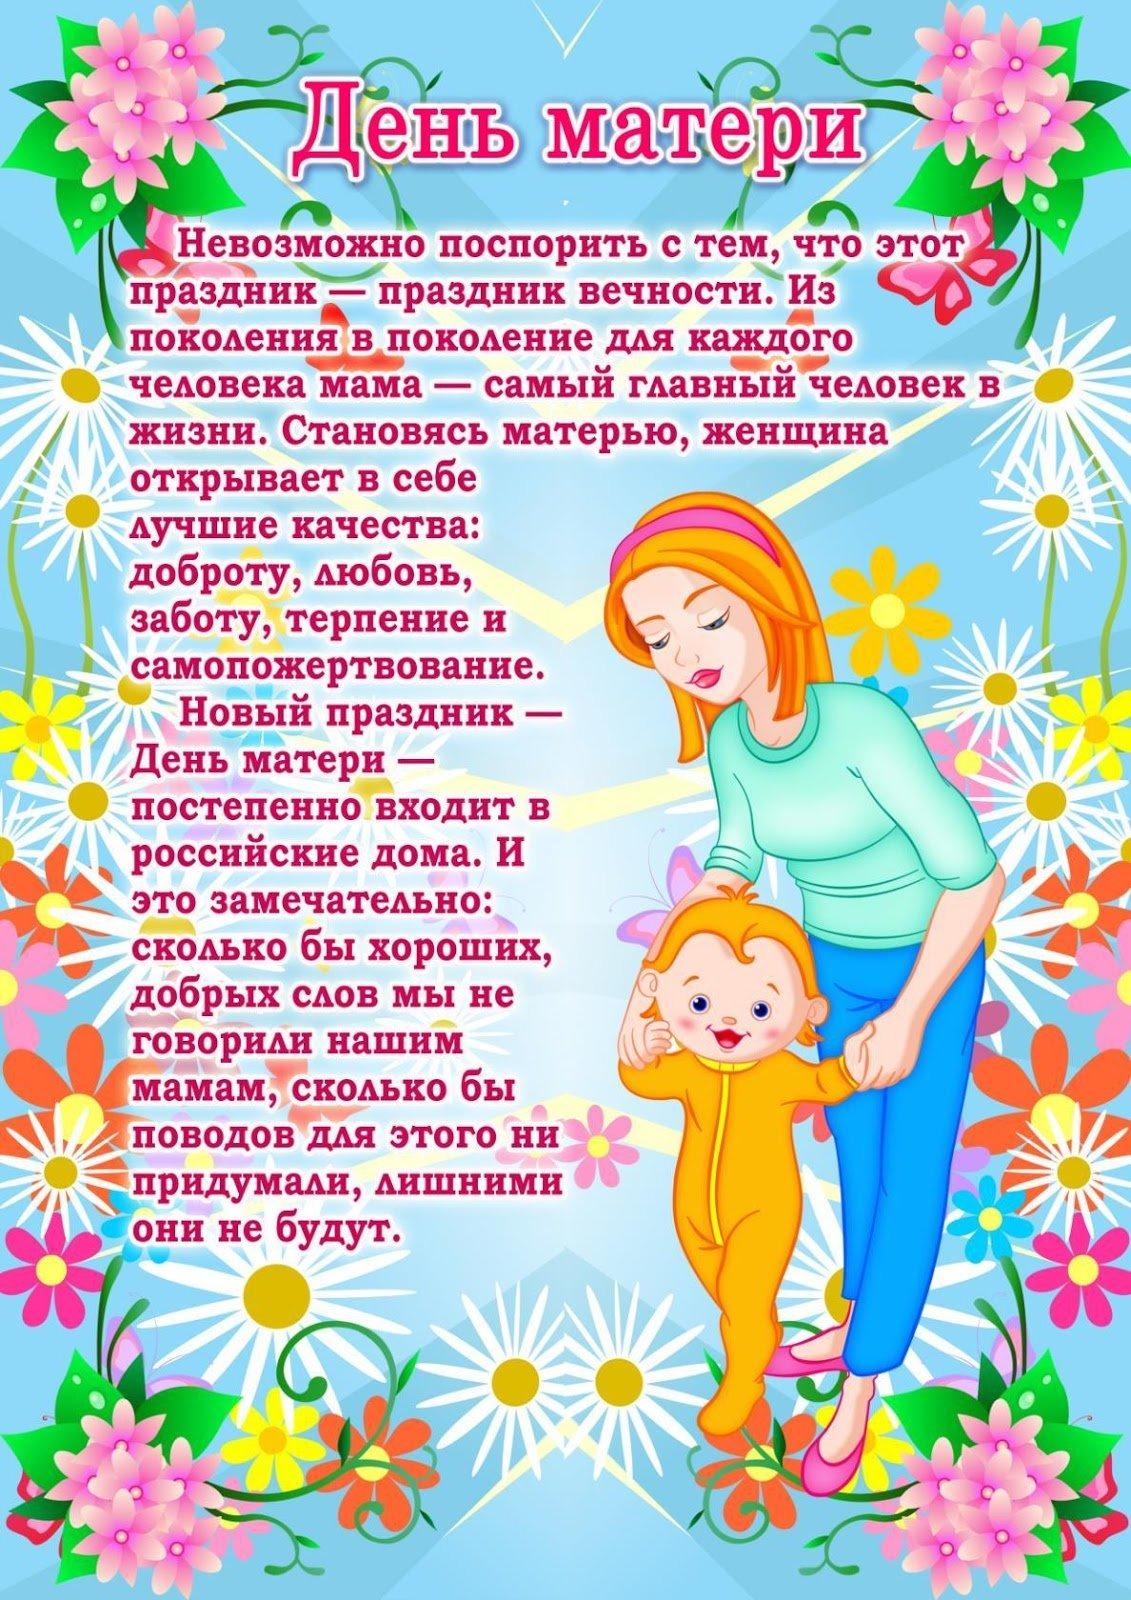 Бульба поздравление, картинки поздравления с днем матери от детей в детском саду